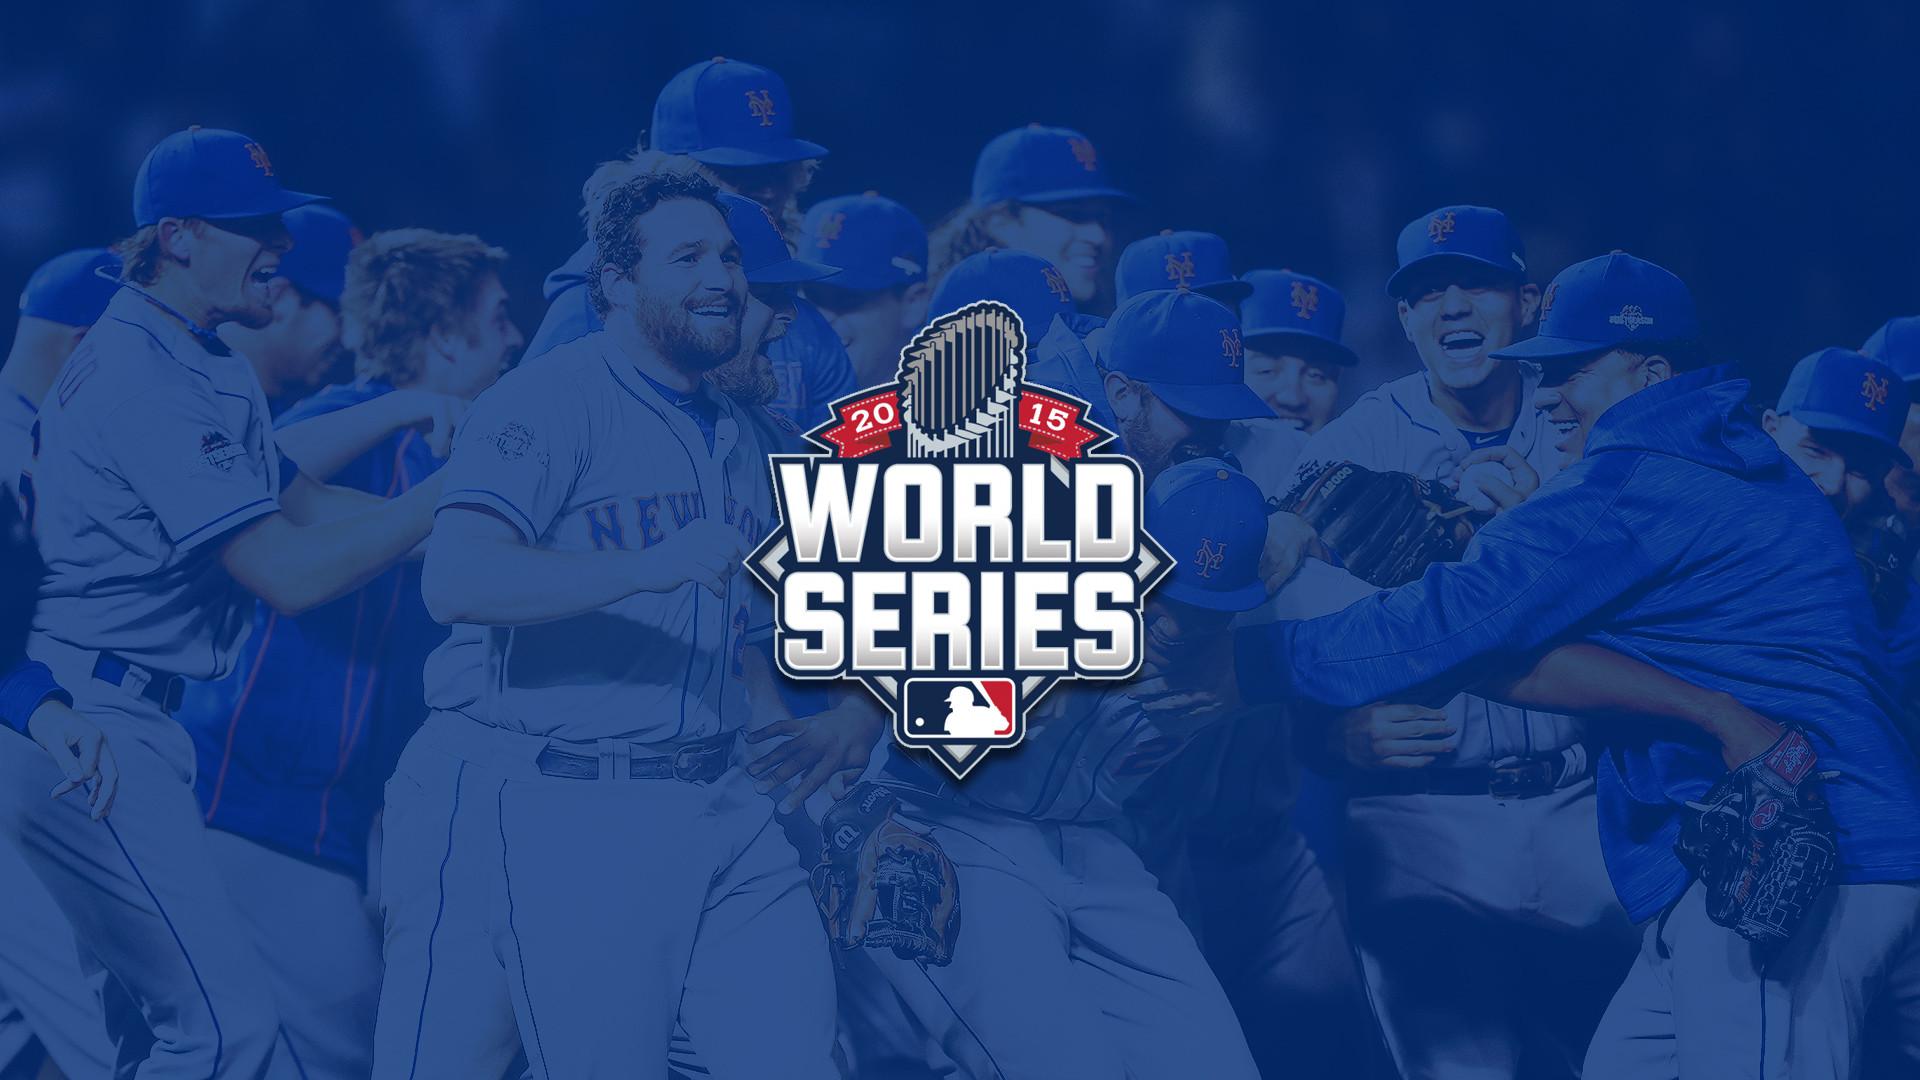 New York Mets Wallpaper 1400×1050 New York Mets Desktop Wallpapers (40  Wallpapers)